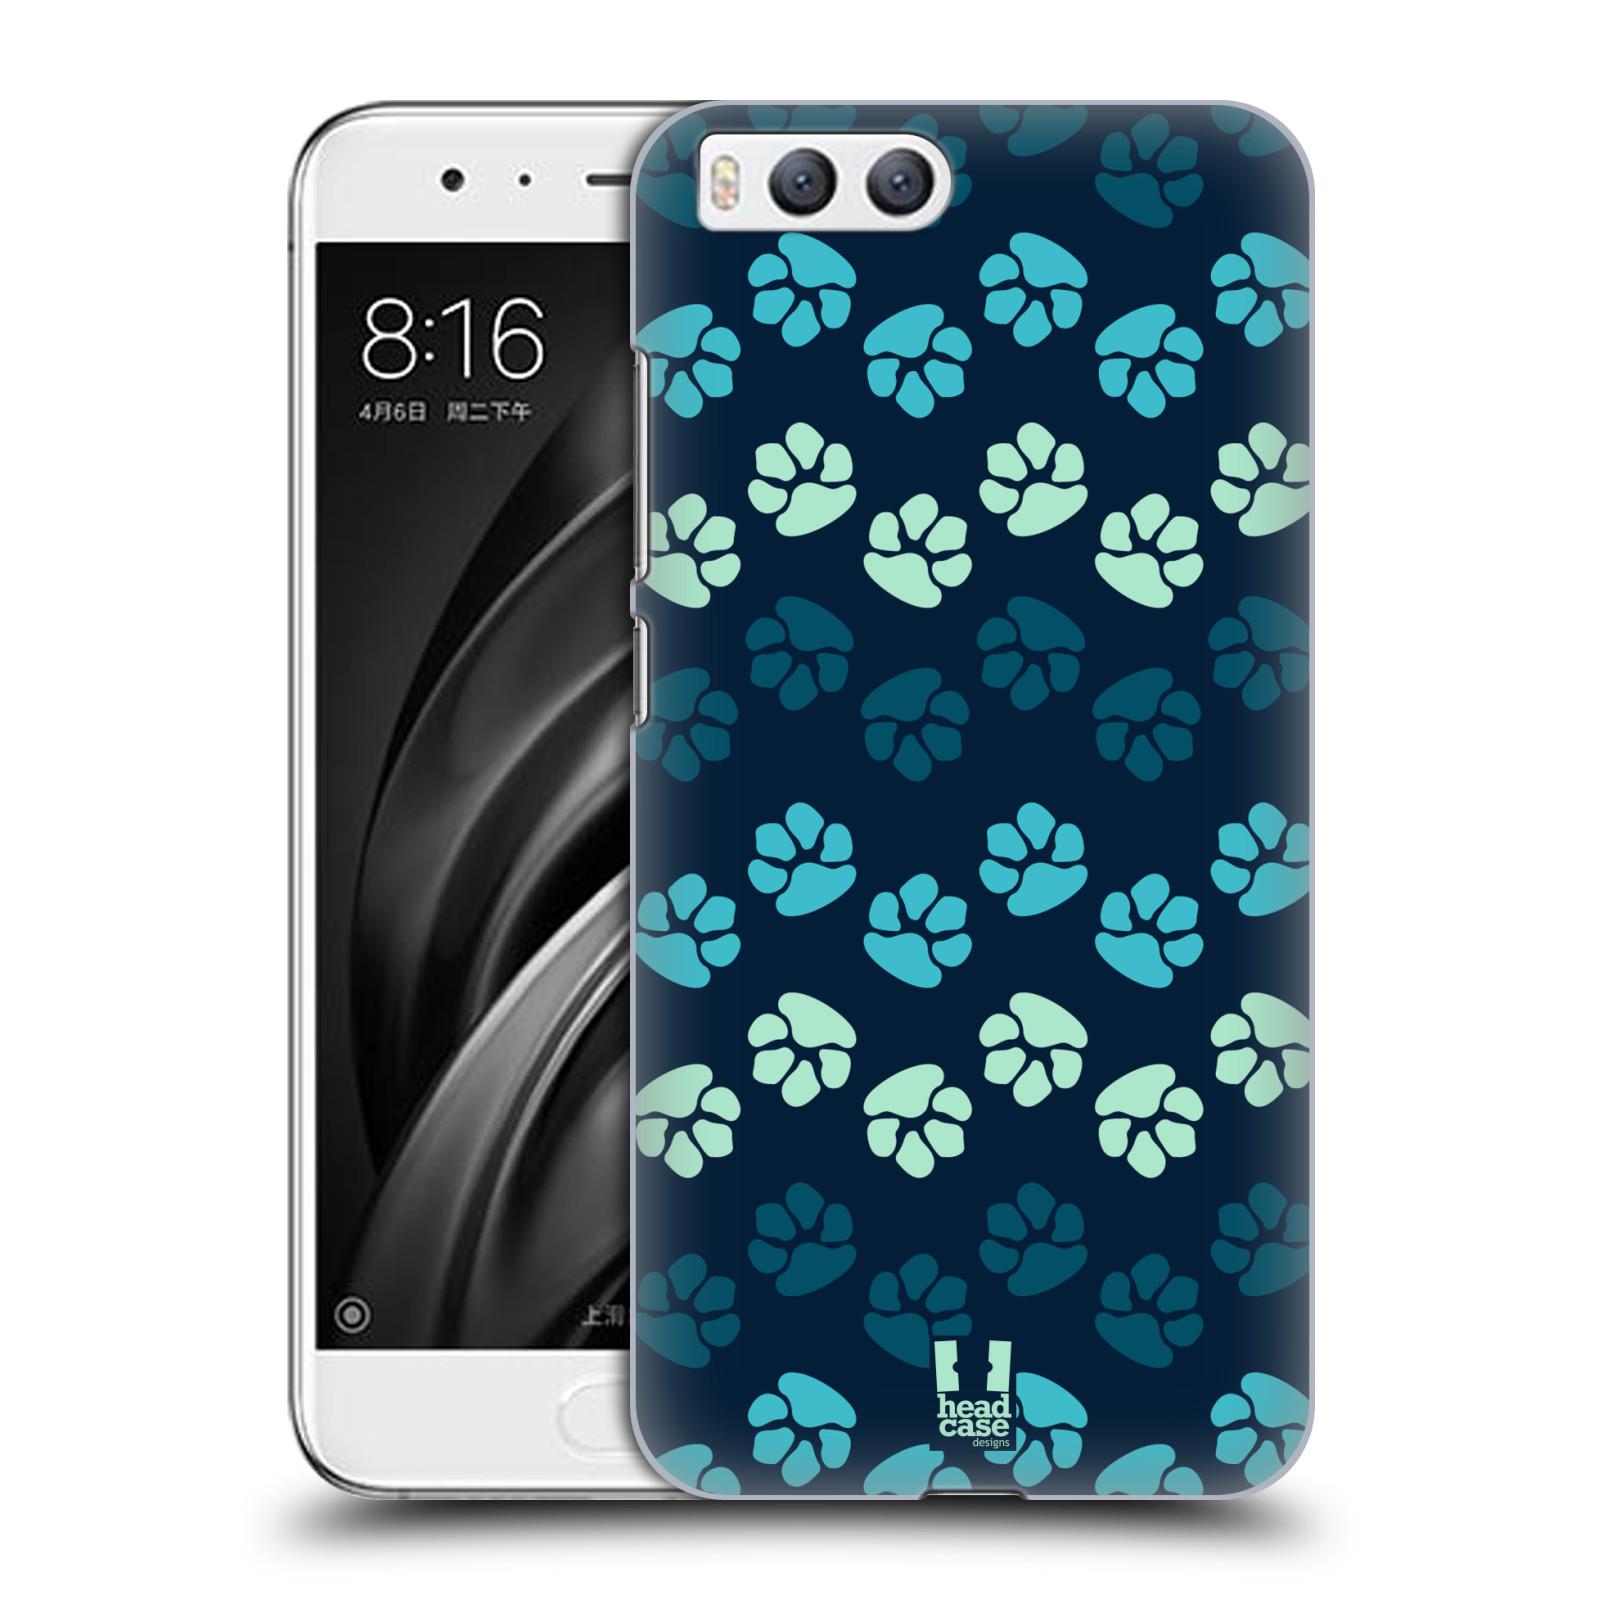 Plastové pouzdro na mobil Xiaomi Mi6 - Head Case - TLAPKY MODRÉ (Plastový kryt či obal na mobilní telefon Xiaomi Mi6 s motivem TLAPKY MODRÉ)